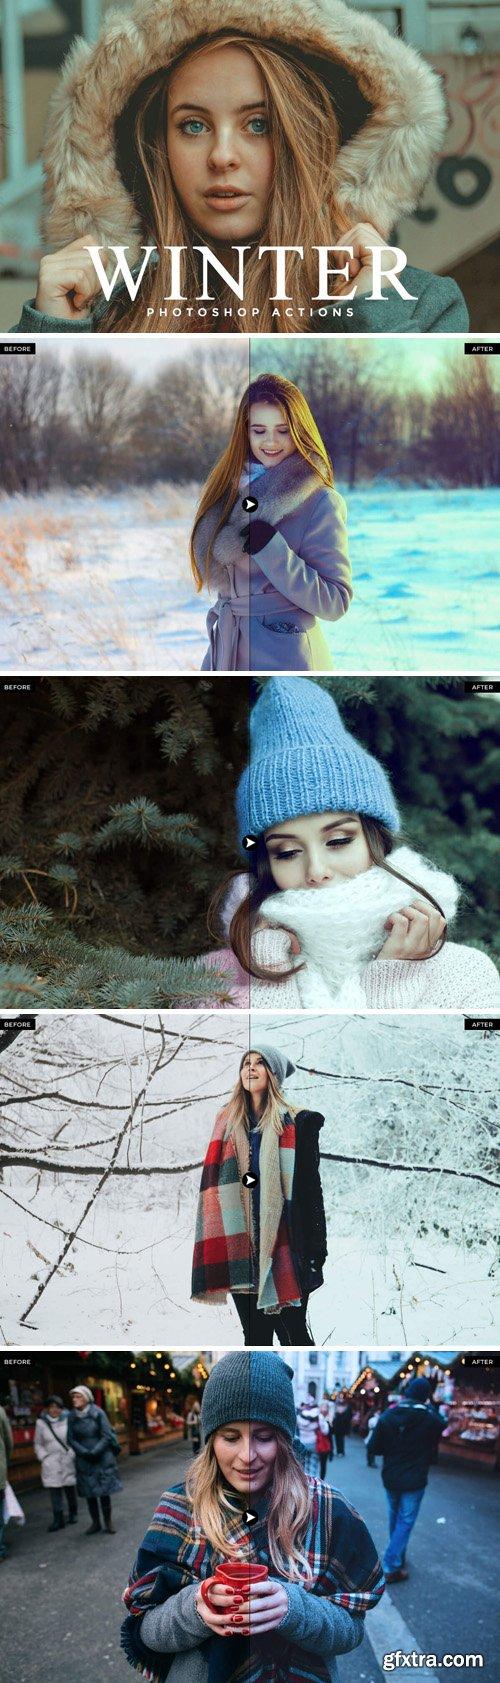 50 Winter Photoshop Actions Bundle